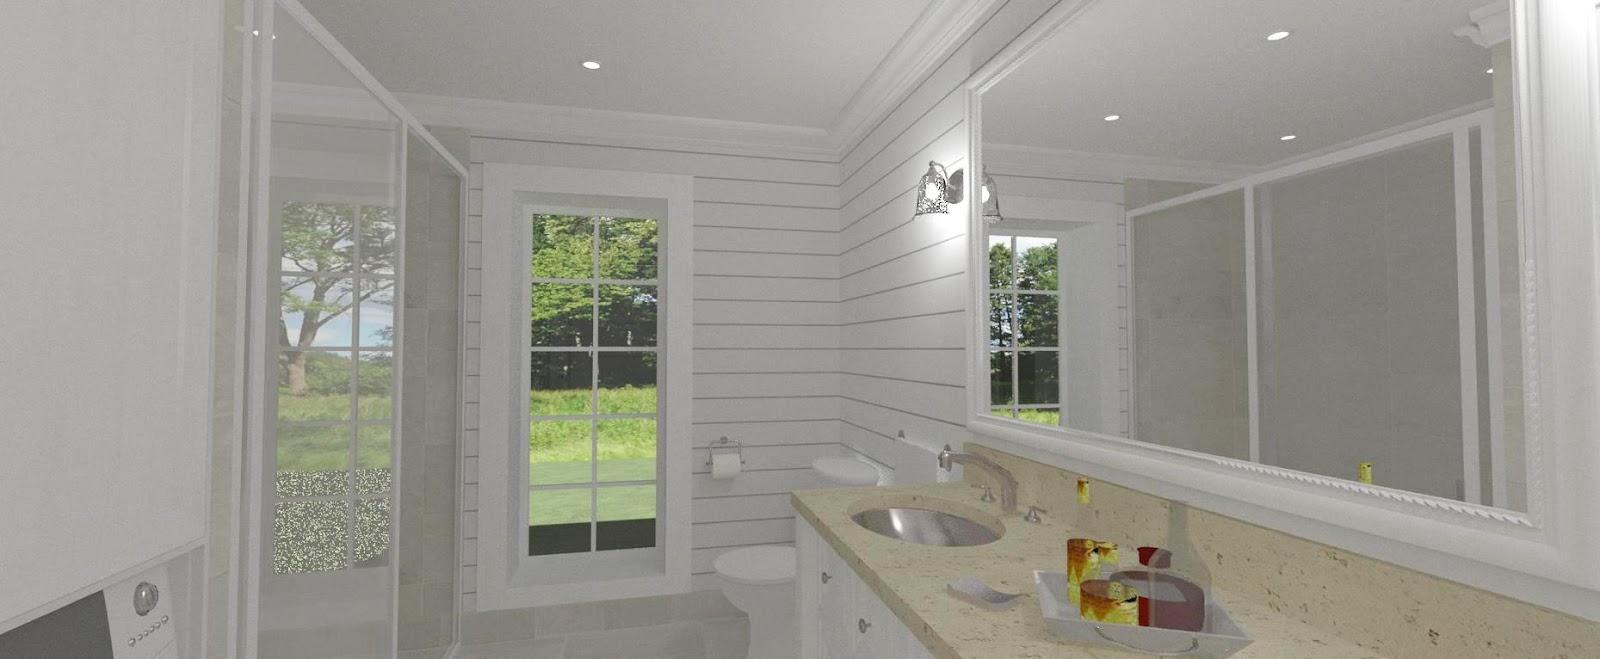 Dreams & Coffees arkitekt- och projektblogg: Gästhus i New England ...